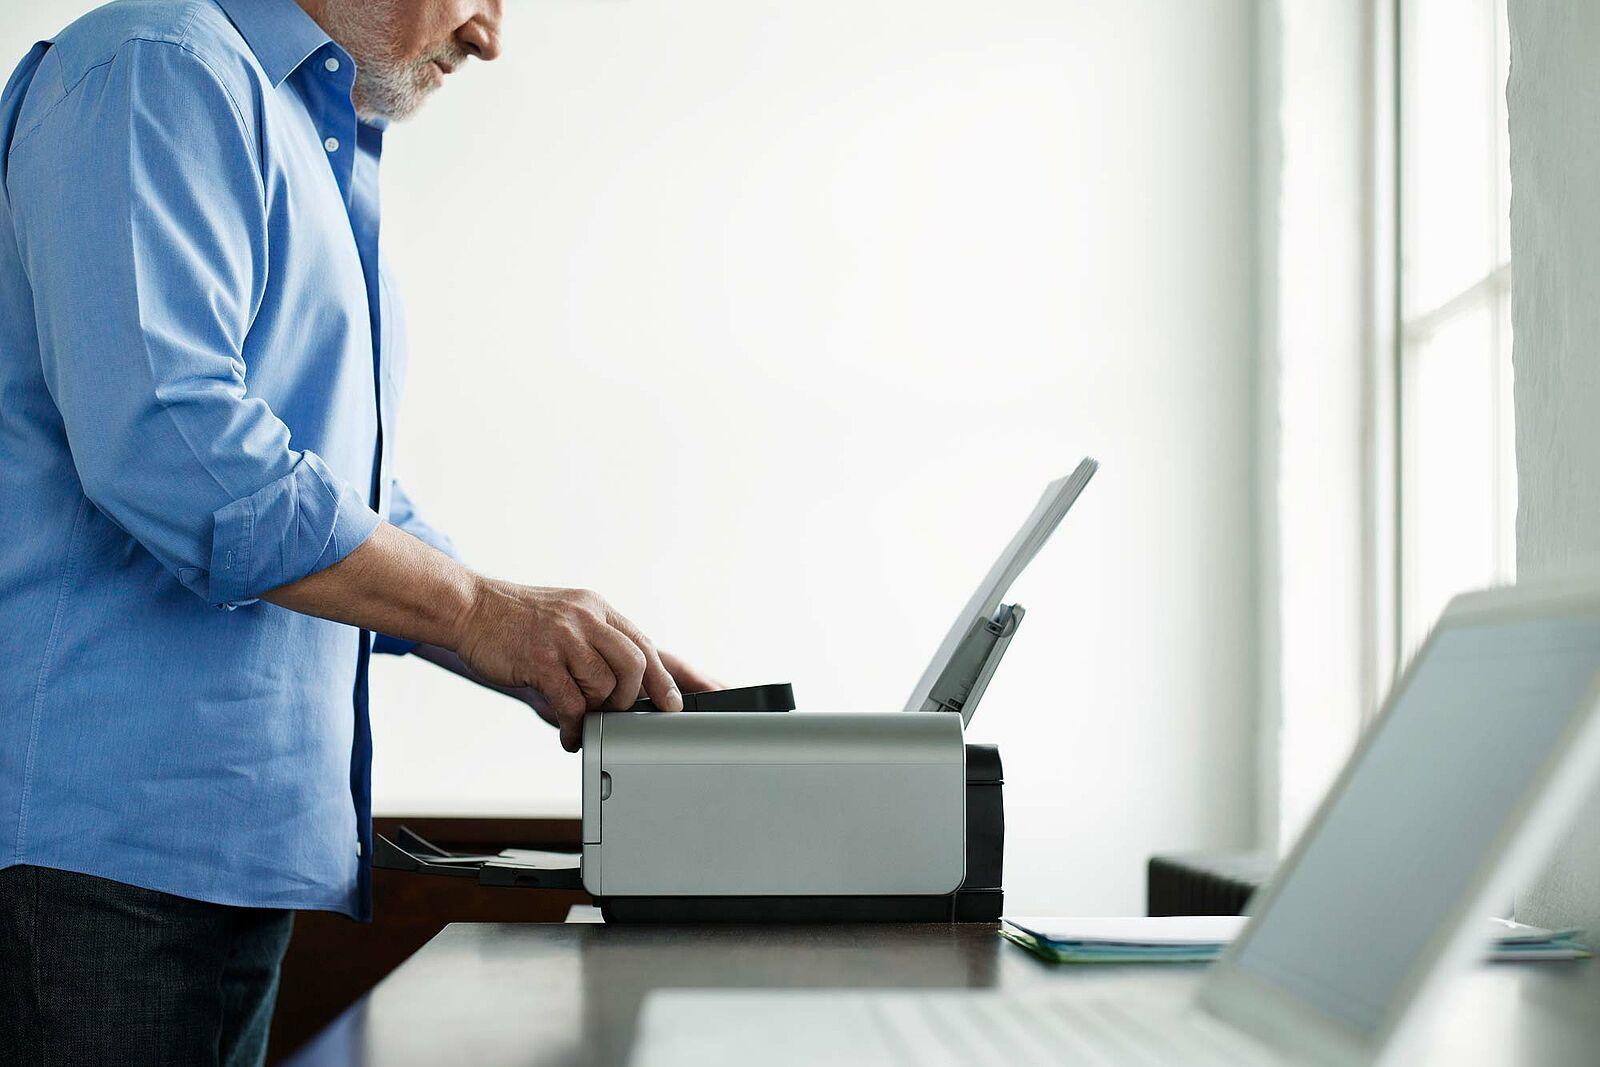 Bildausschnitt eines Mannes gekleidet im grauen Hemd der einen grauen Drucker betätigt.